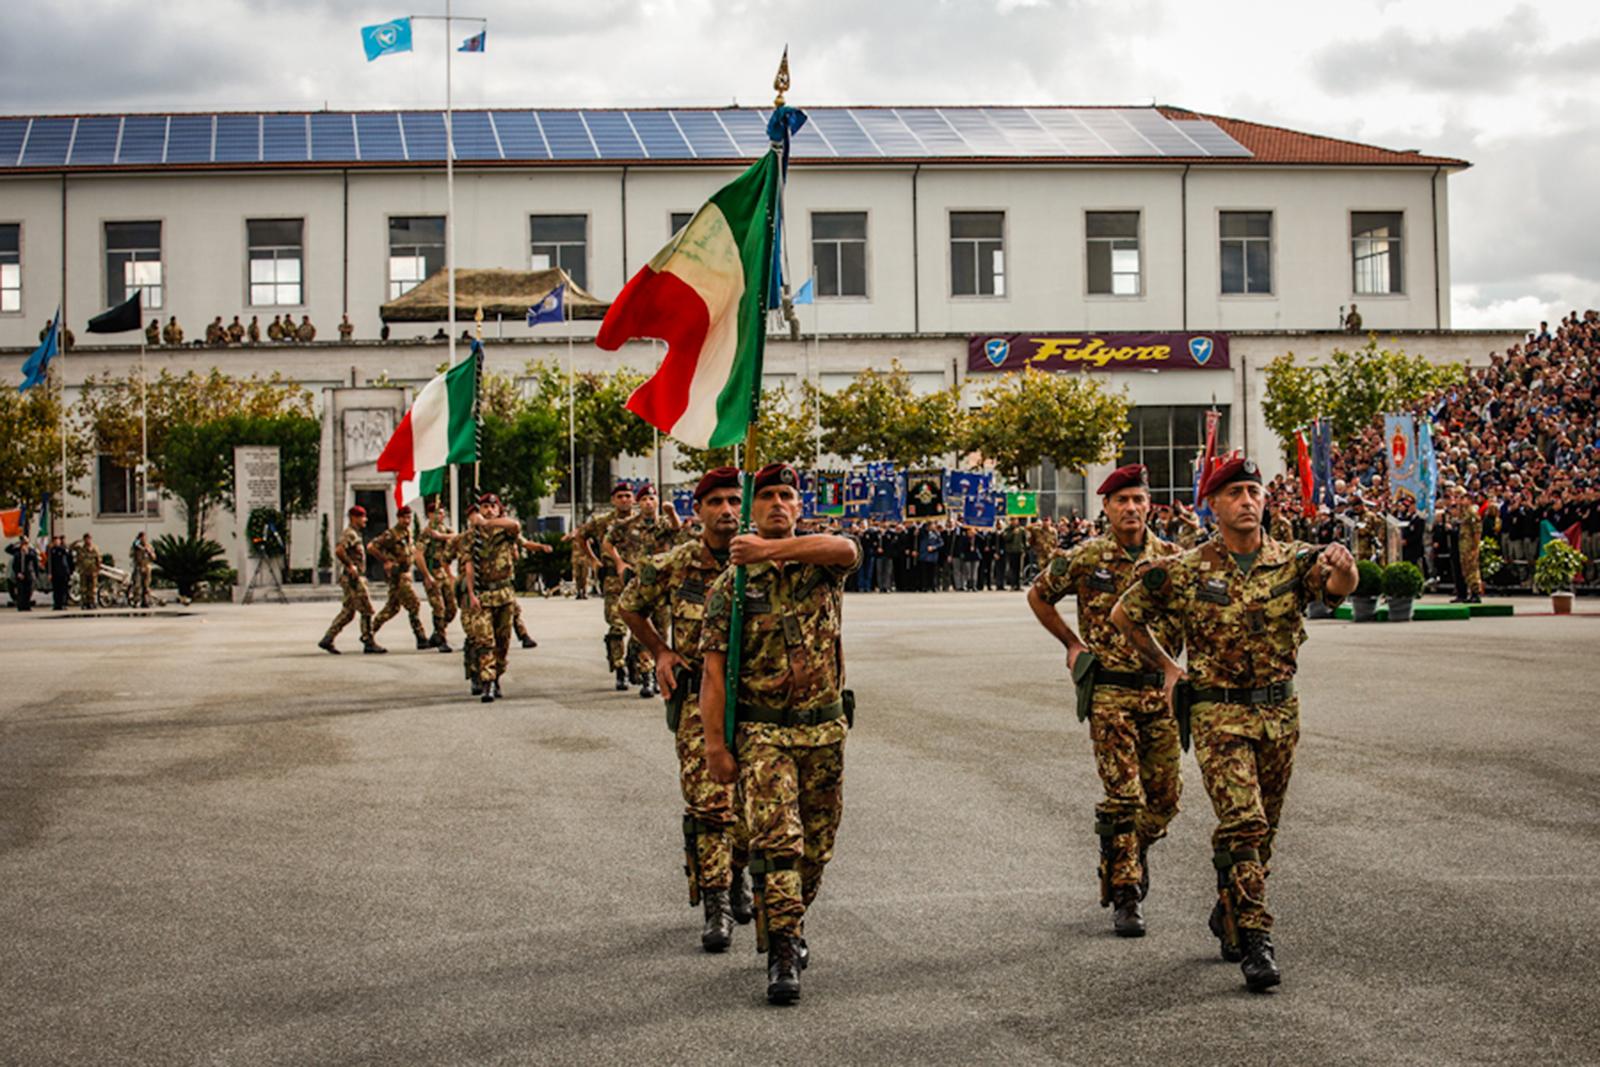 73 anniversario el alamein esercito italiano for Bandiera di guerra italiana